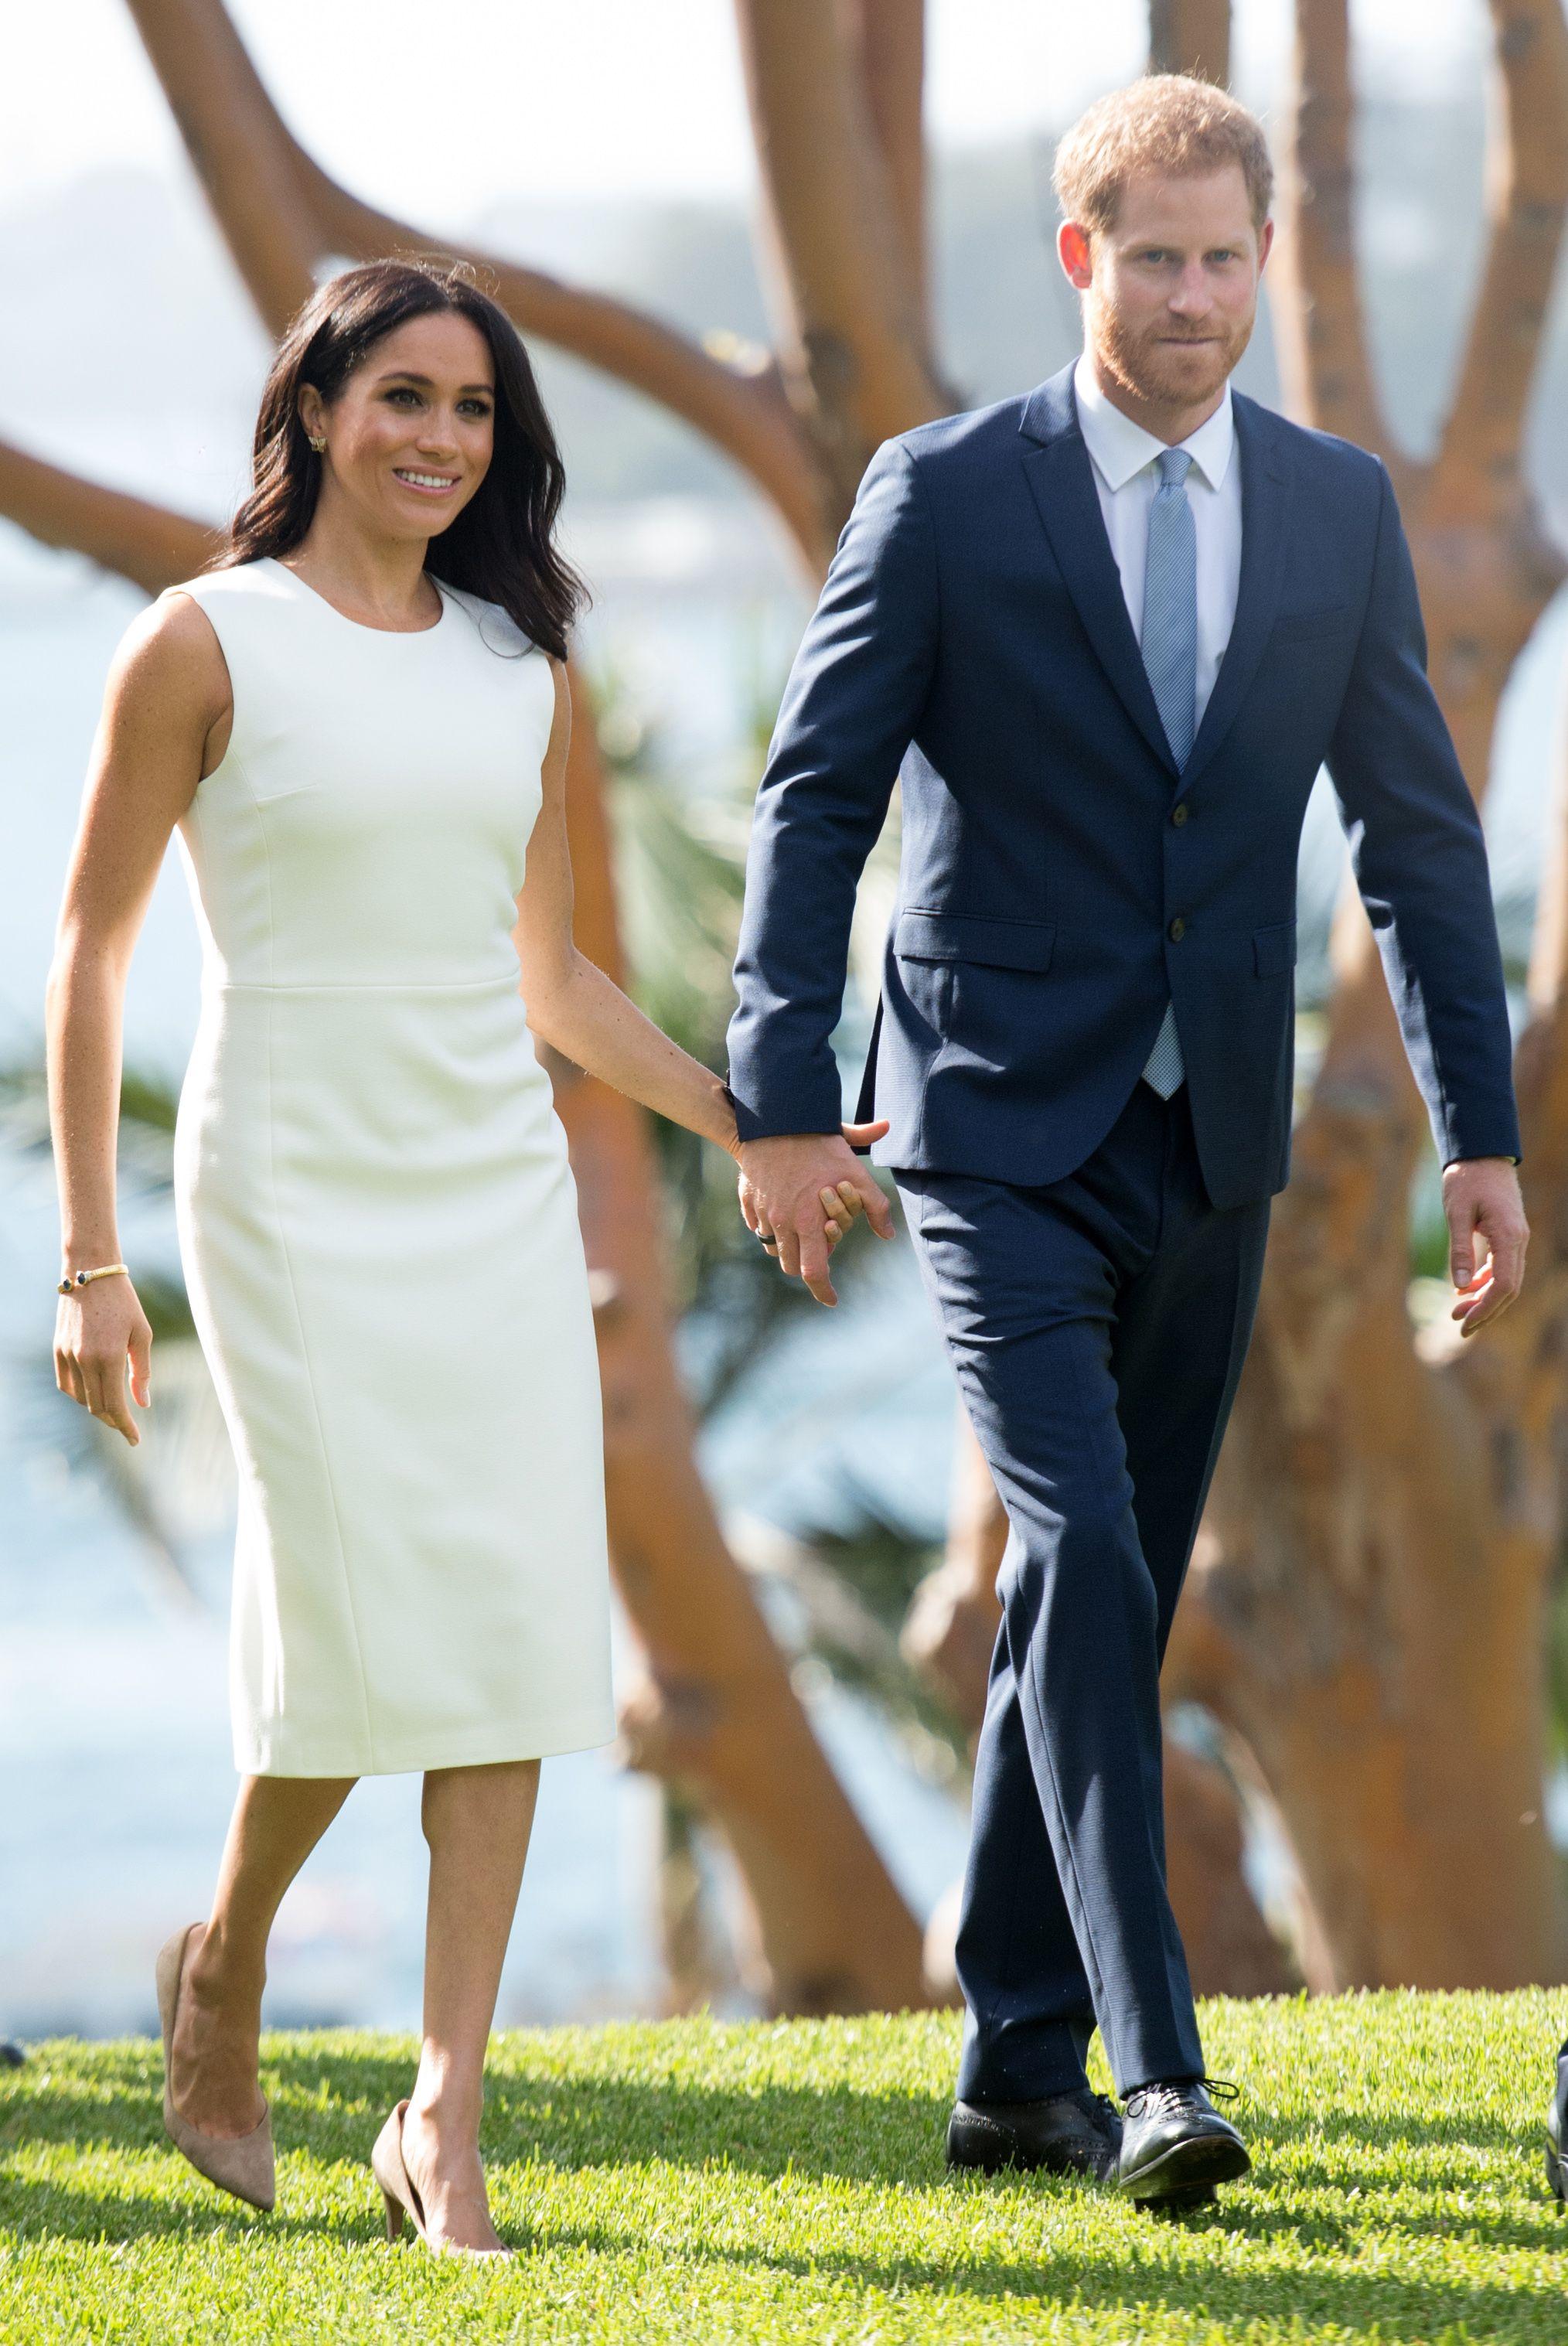 Ảnh cũ lục lại: Cùng mặc một kiểu đầm trắng, Meghan Markle bị chê khí chất